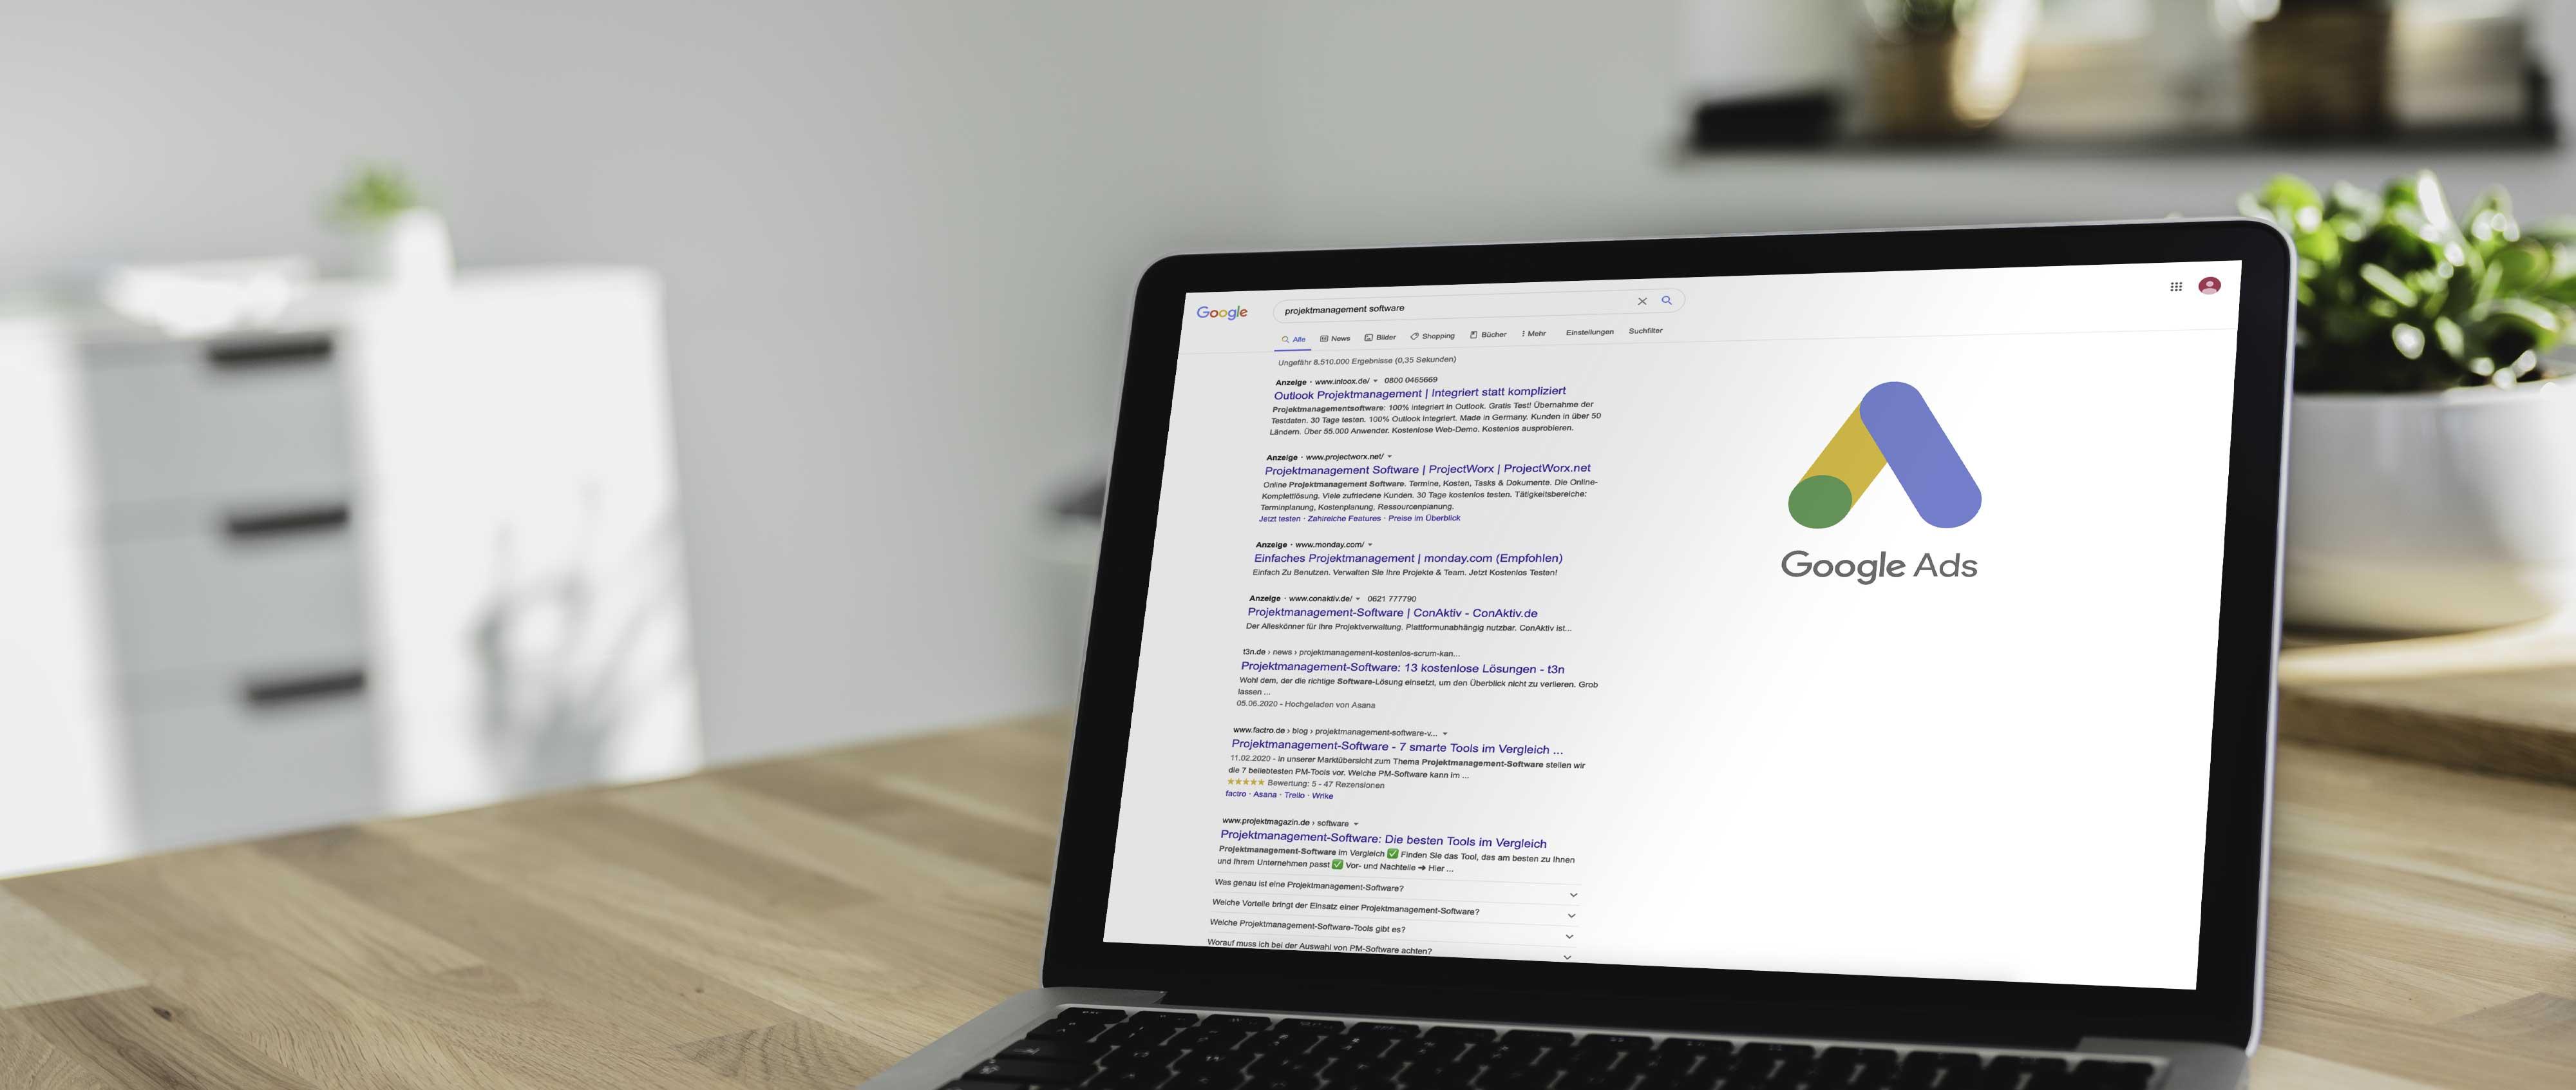 Laptop mit Google Ads